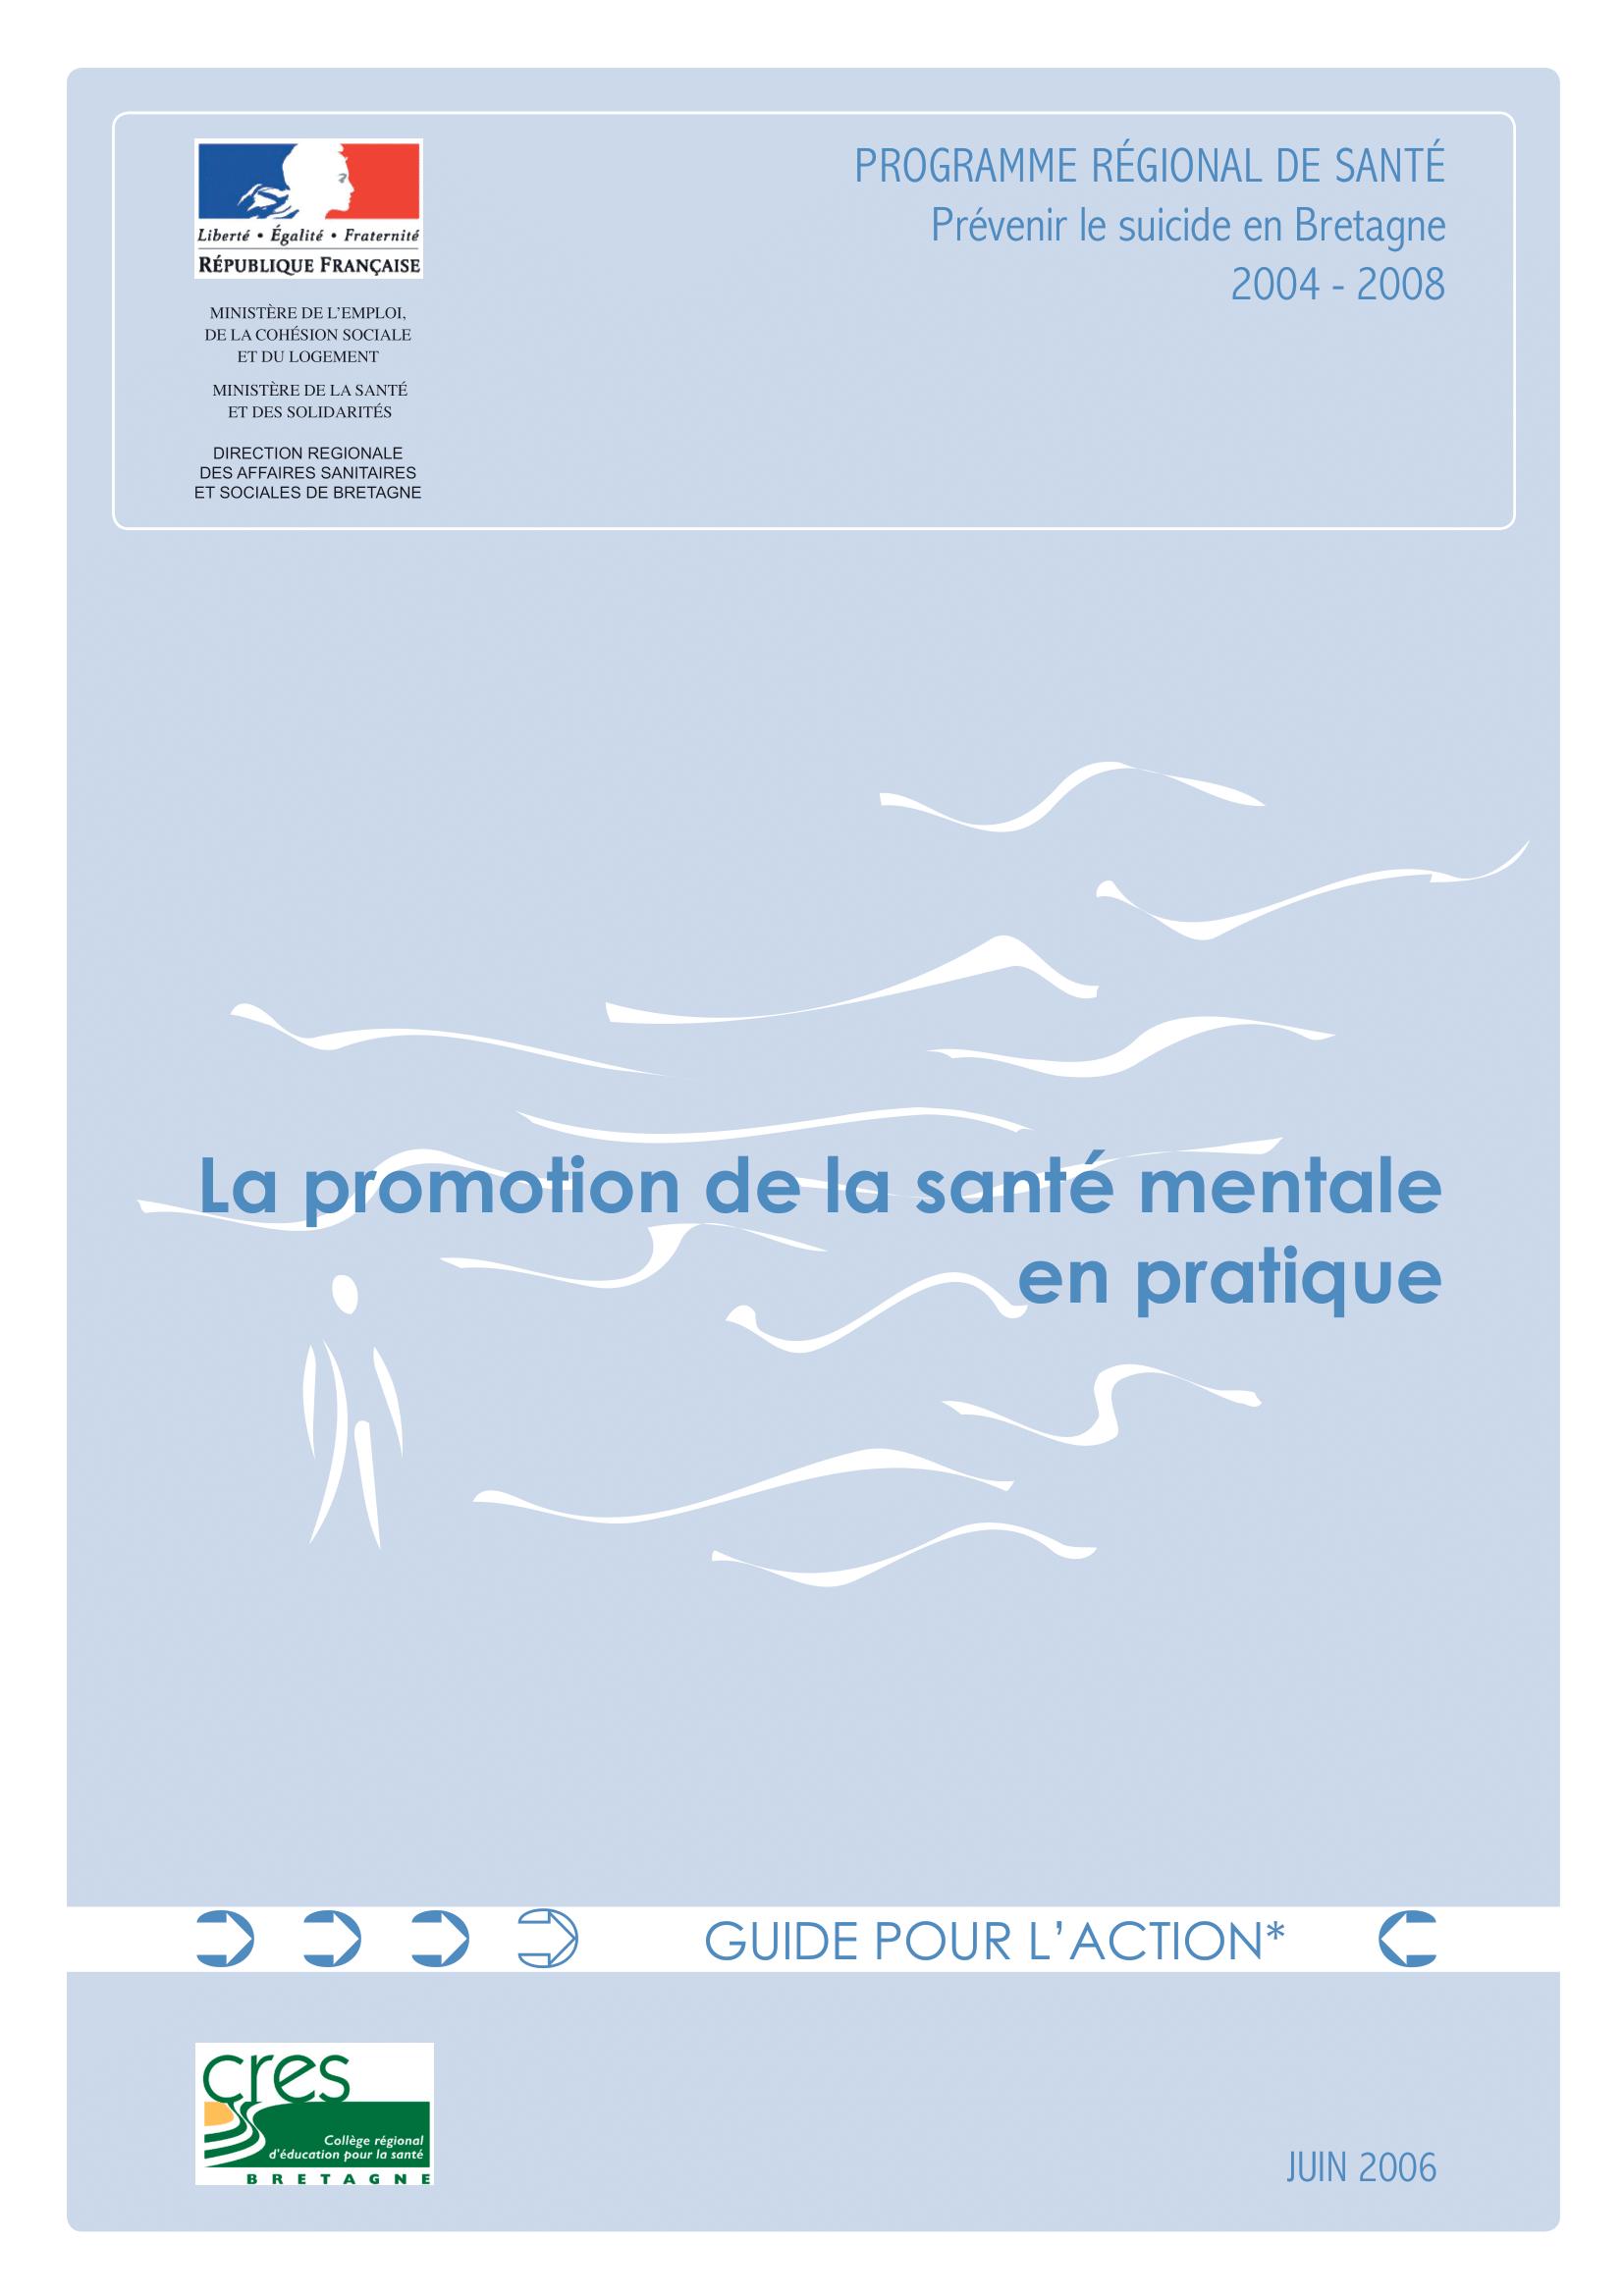 La promotion de la santé mentale en pratique